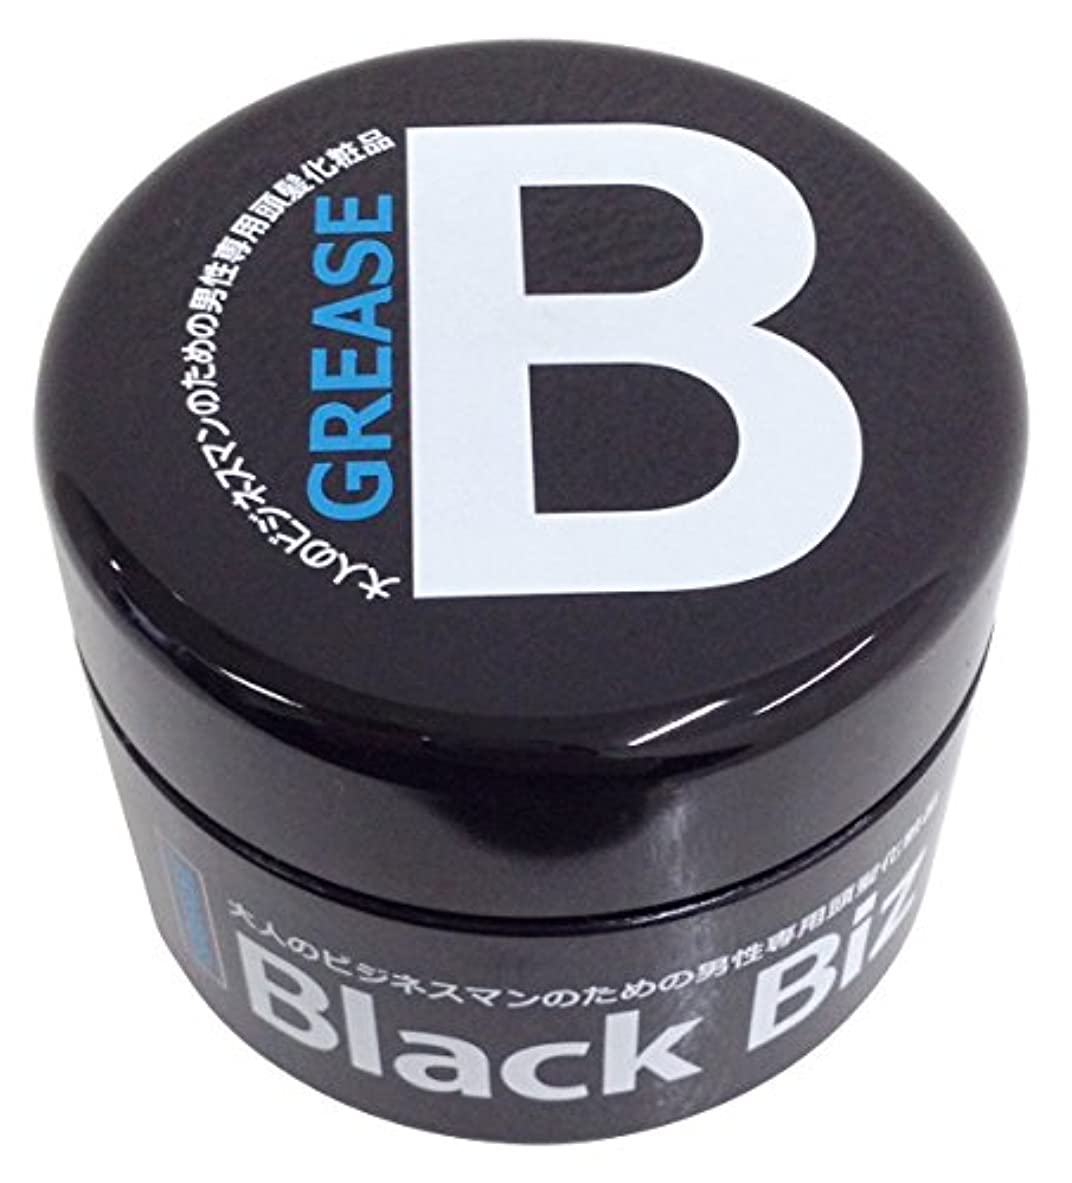 広告するによって家事大人のビジネスマンのための男性専用頭髪化粧品 BlackBiz GREASE SOFT ブラックビズ グリース ソフト